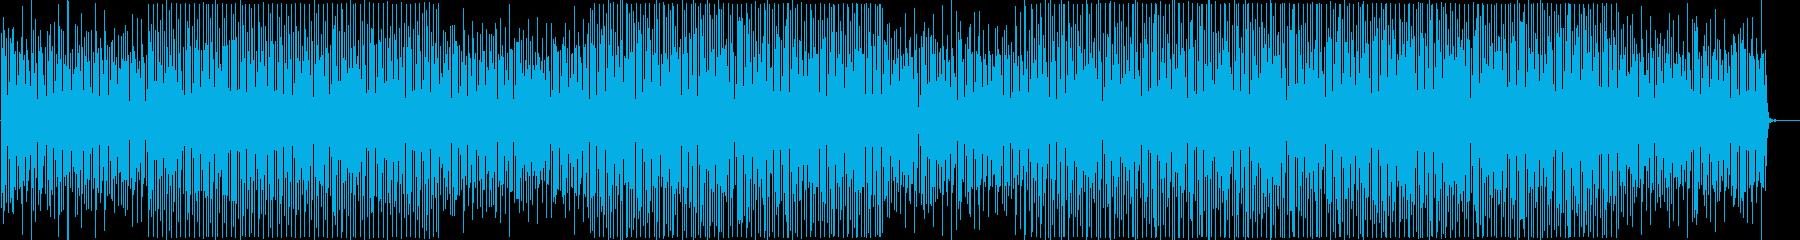 企業VPに!シンプルでモダンな楽曲の再生済みの波形